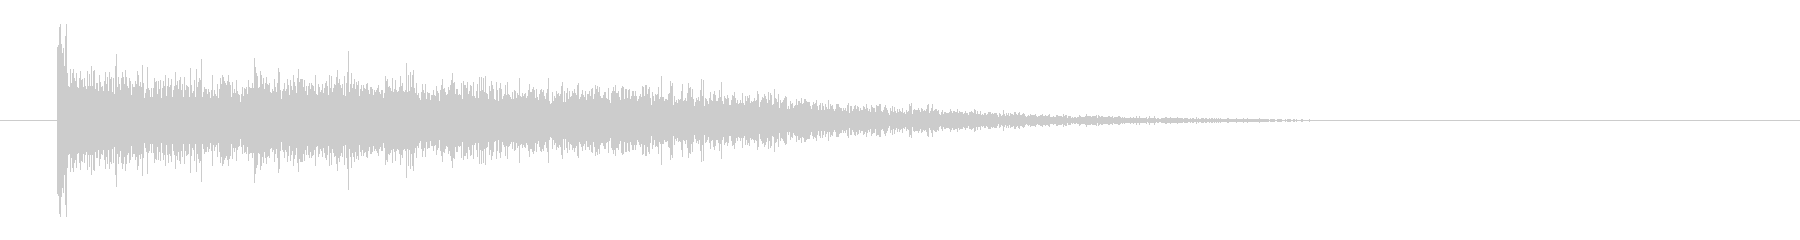 レーザー音-58-3の未再生の波形